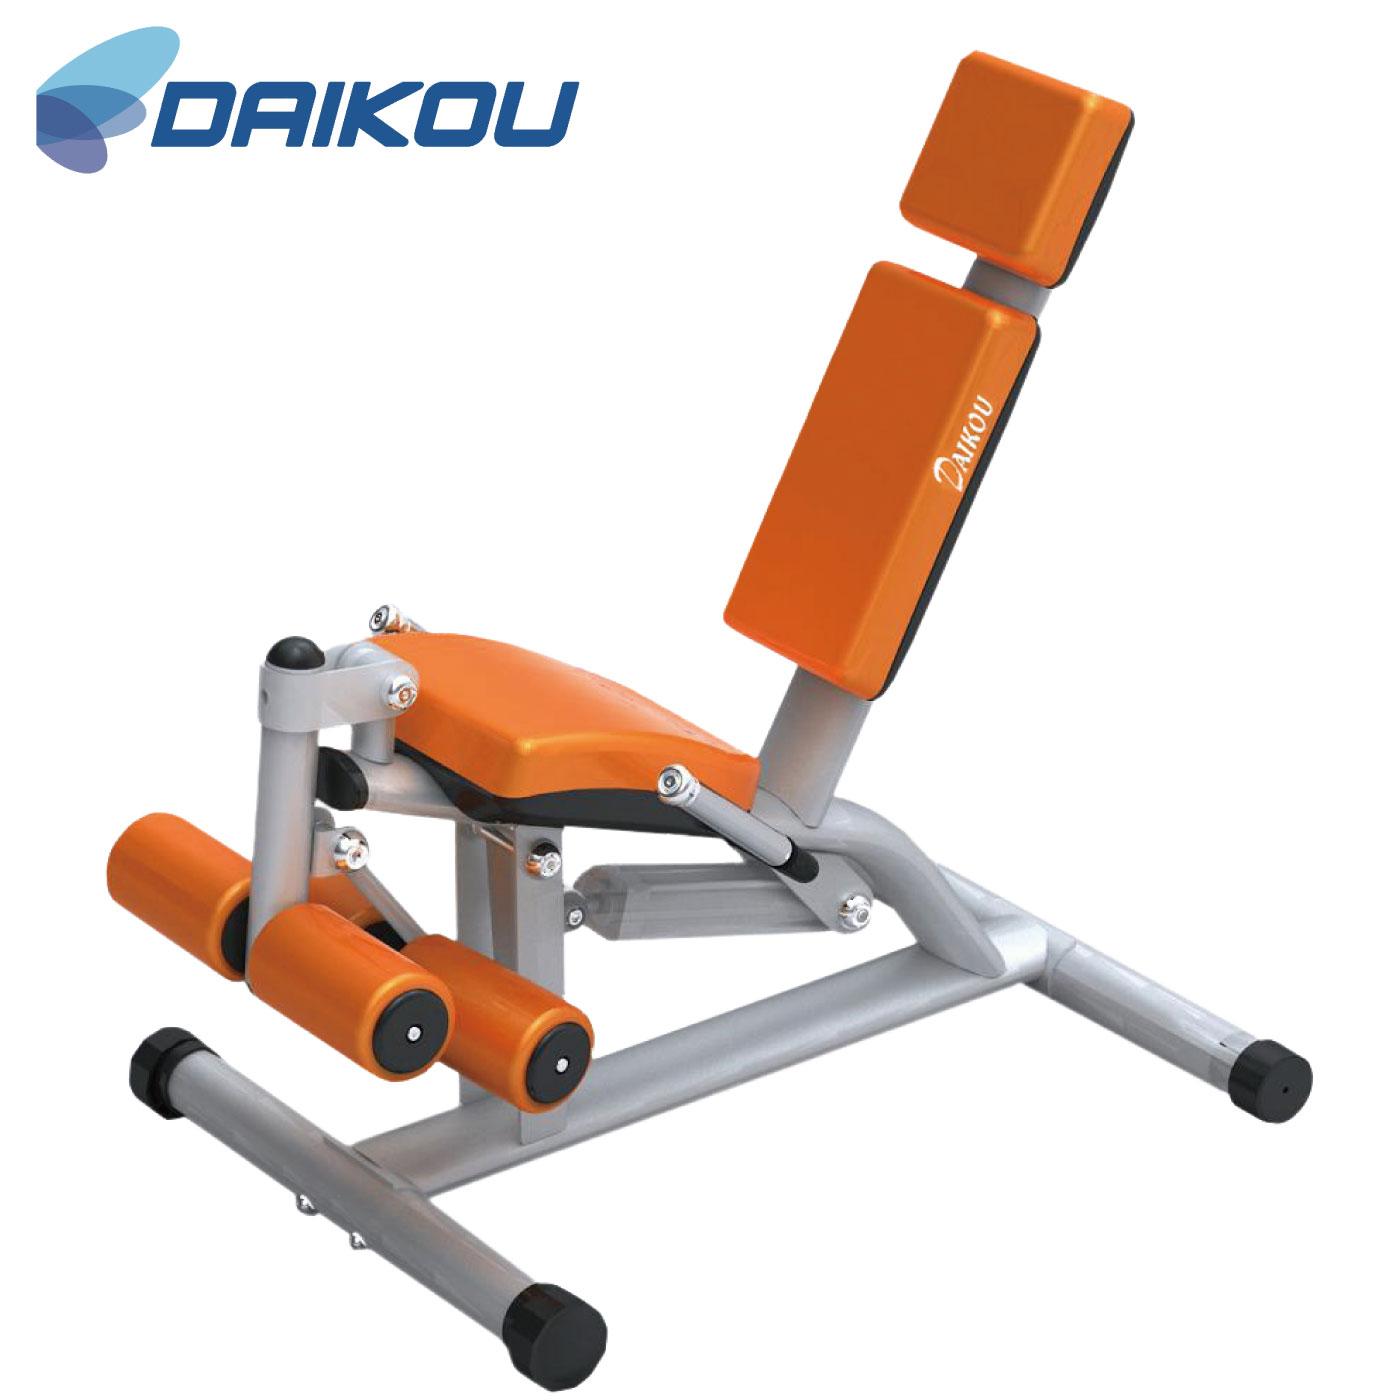 準業務用の油圧マシン「DK-1205」